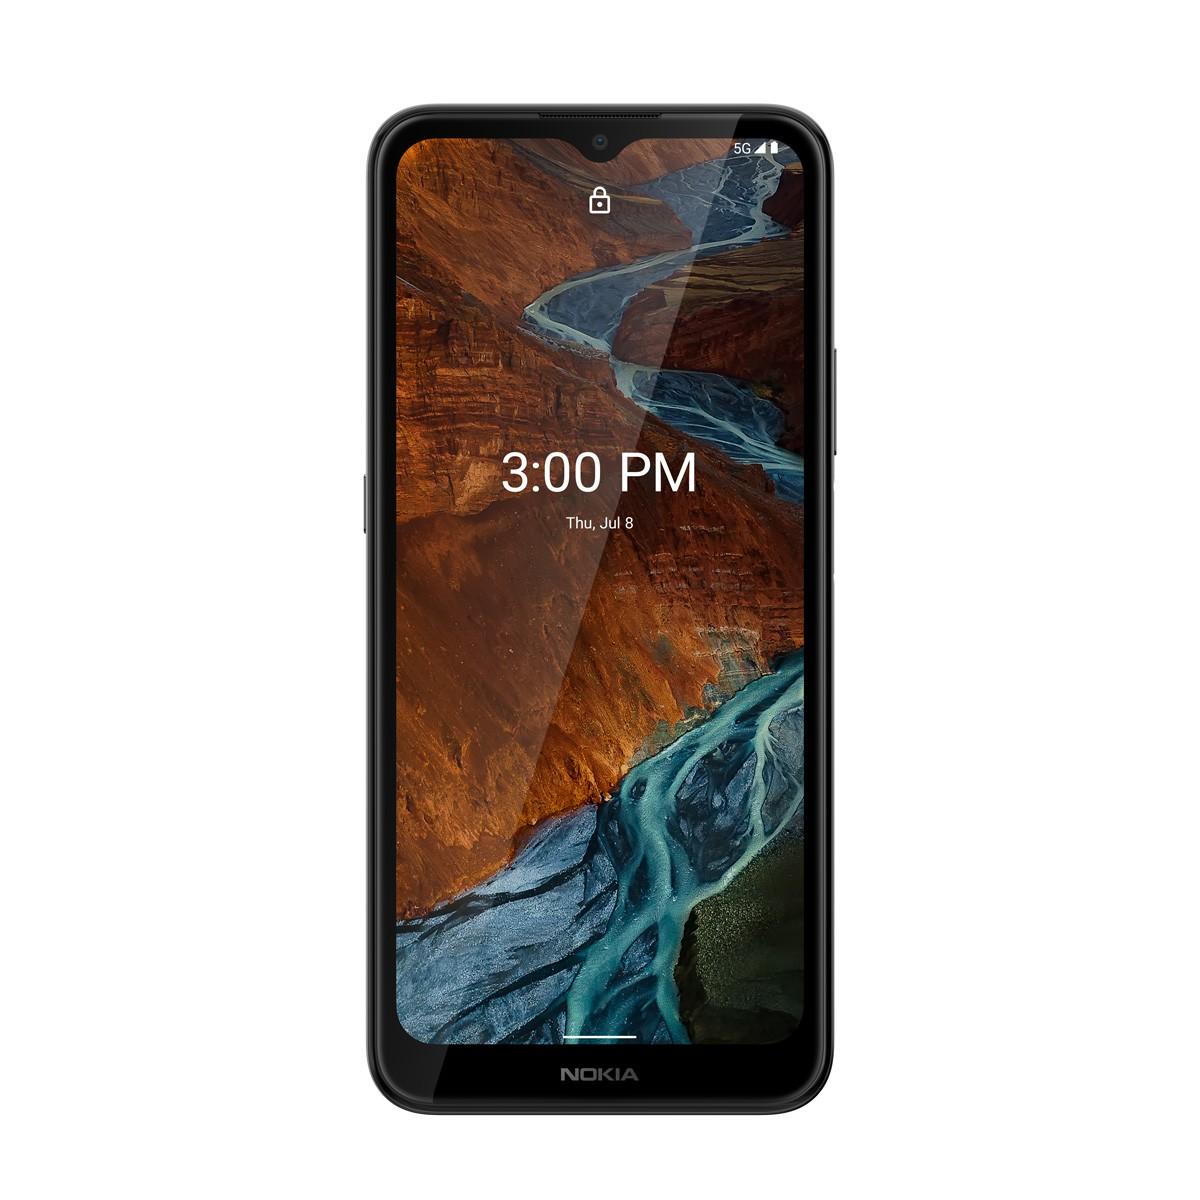 Nokia anuncia G300 con 5G, pantalla de 6.52 pulgadas, batería de 4470 mAh por $ 200